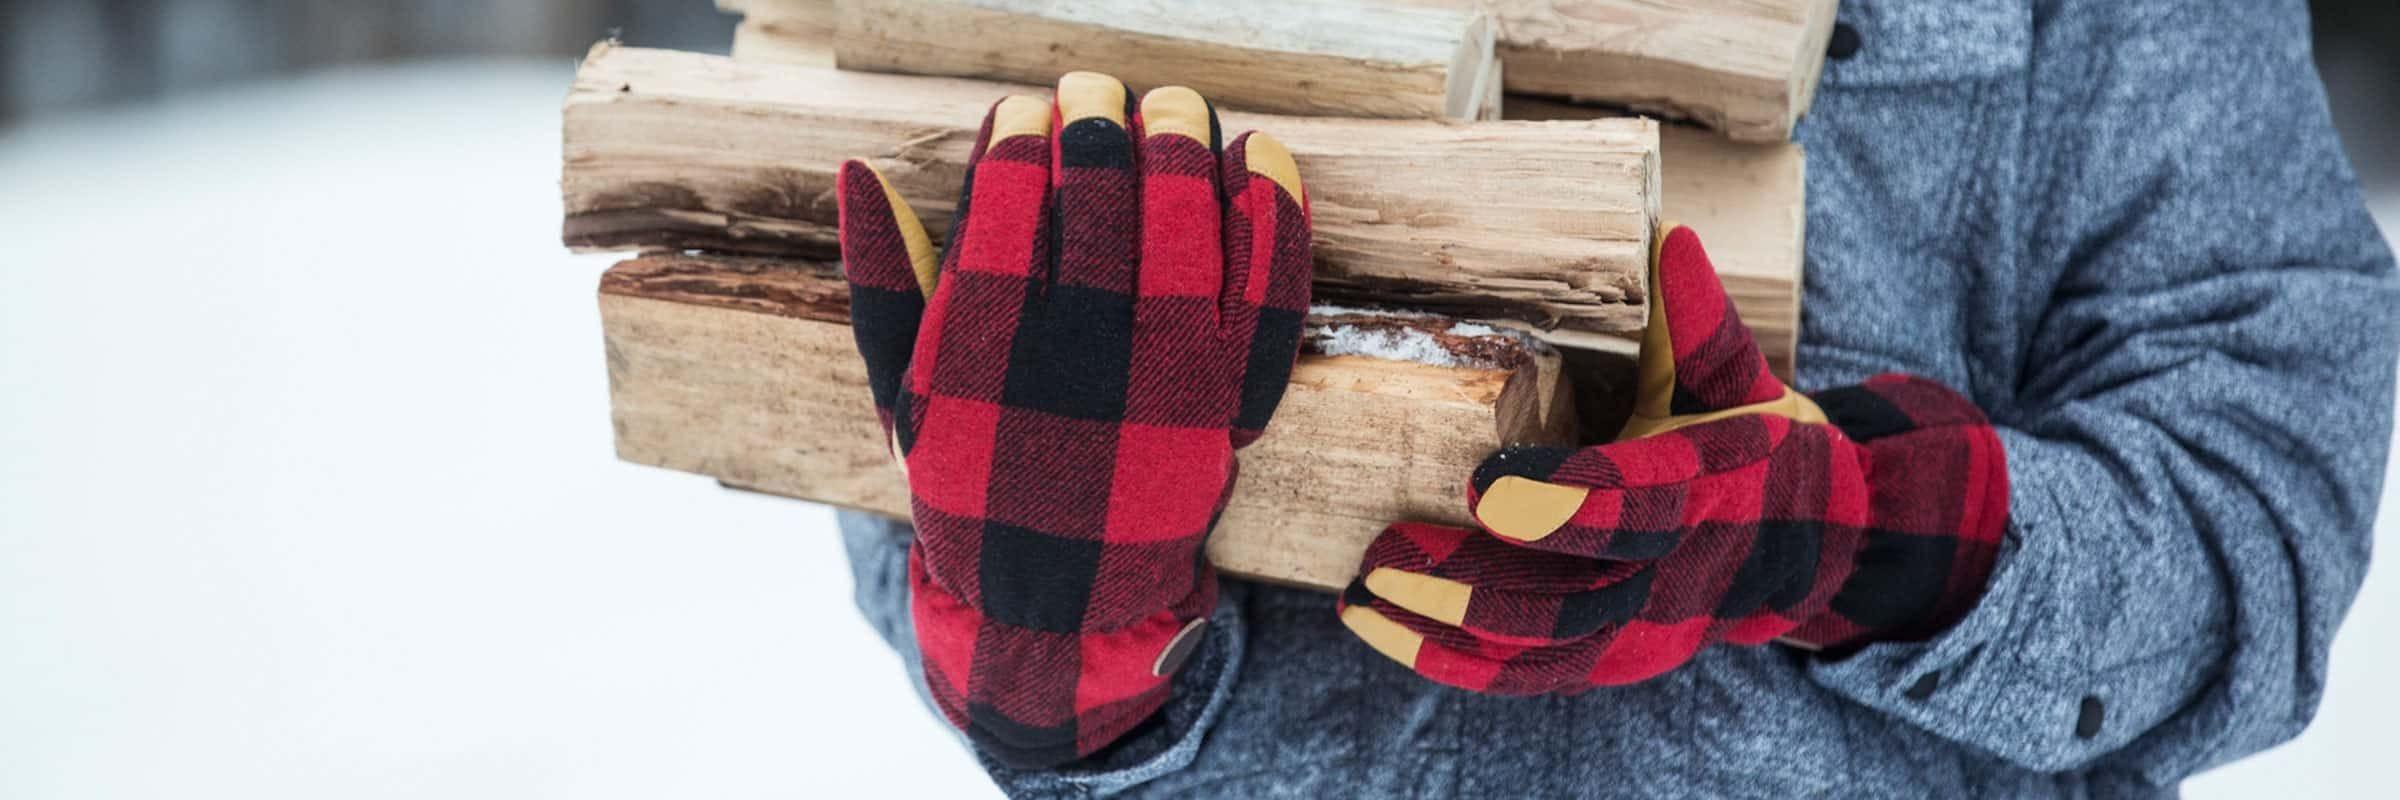 Kombi. Kombi: gants et mitaines pour la ville ou l'aventure